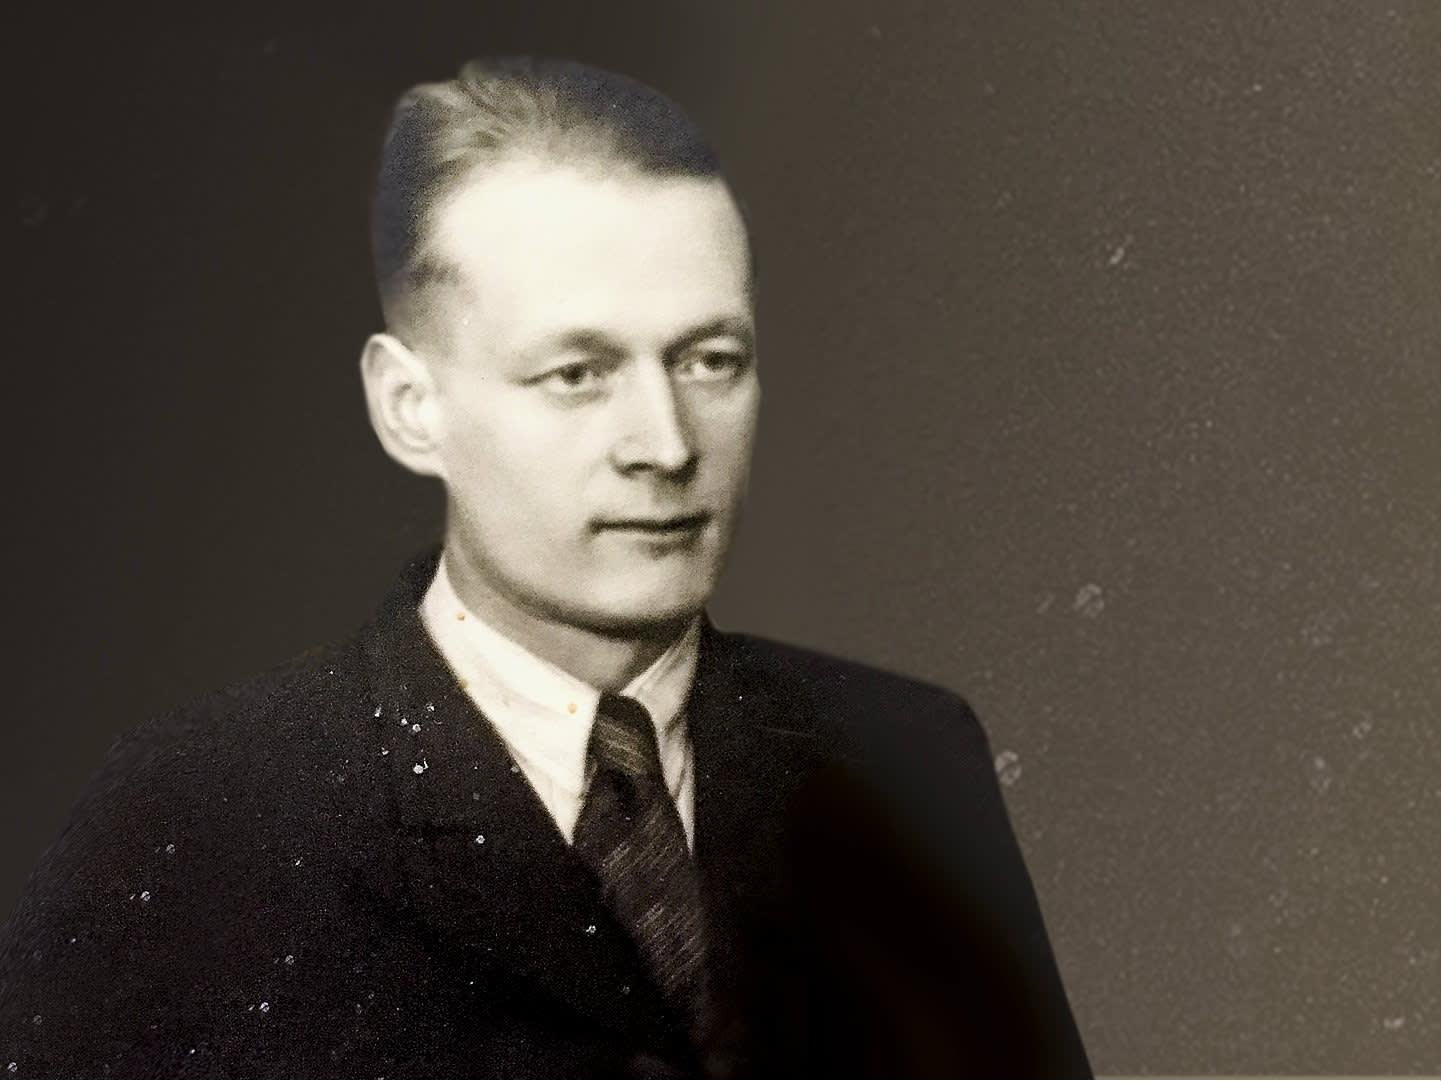 Reino Nyrösen päiväkirja löytyi vankilana olleen rakennuksen lattian alta Mansaarelta.